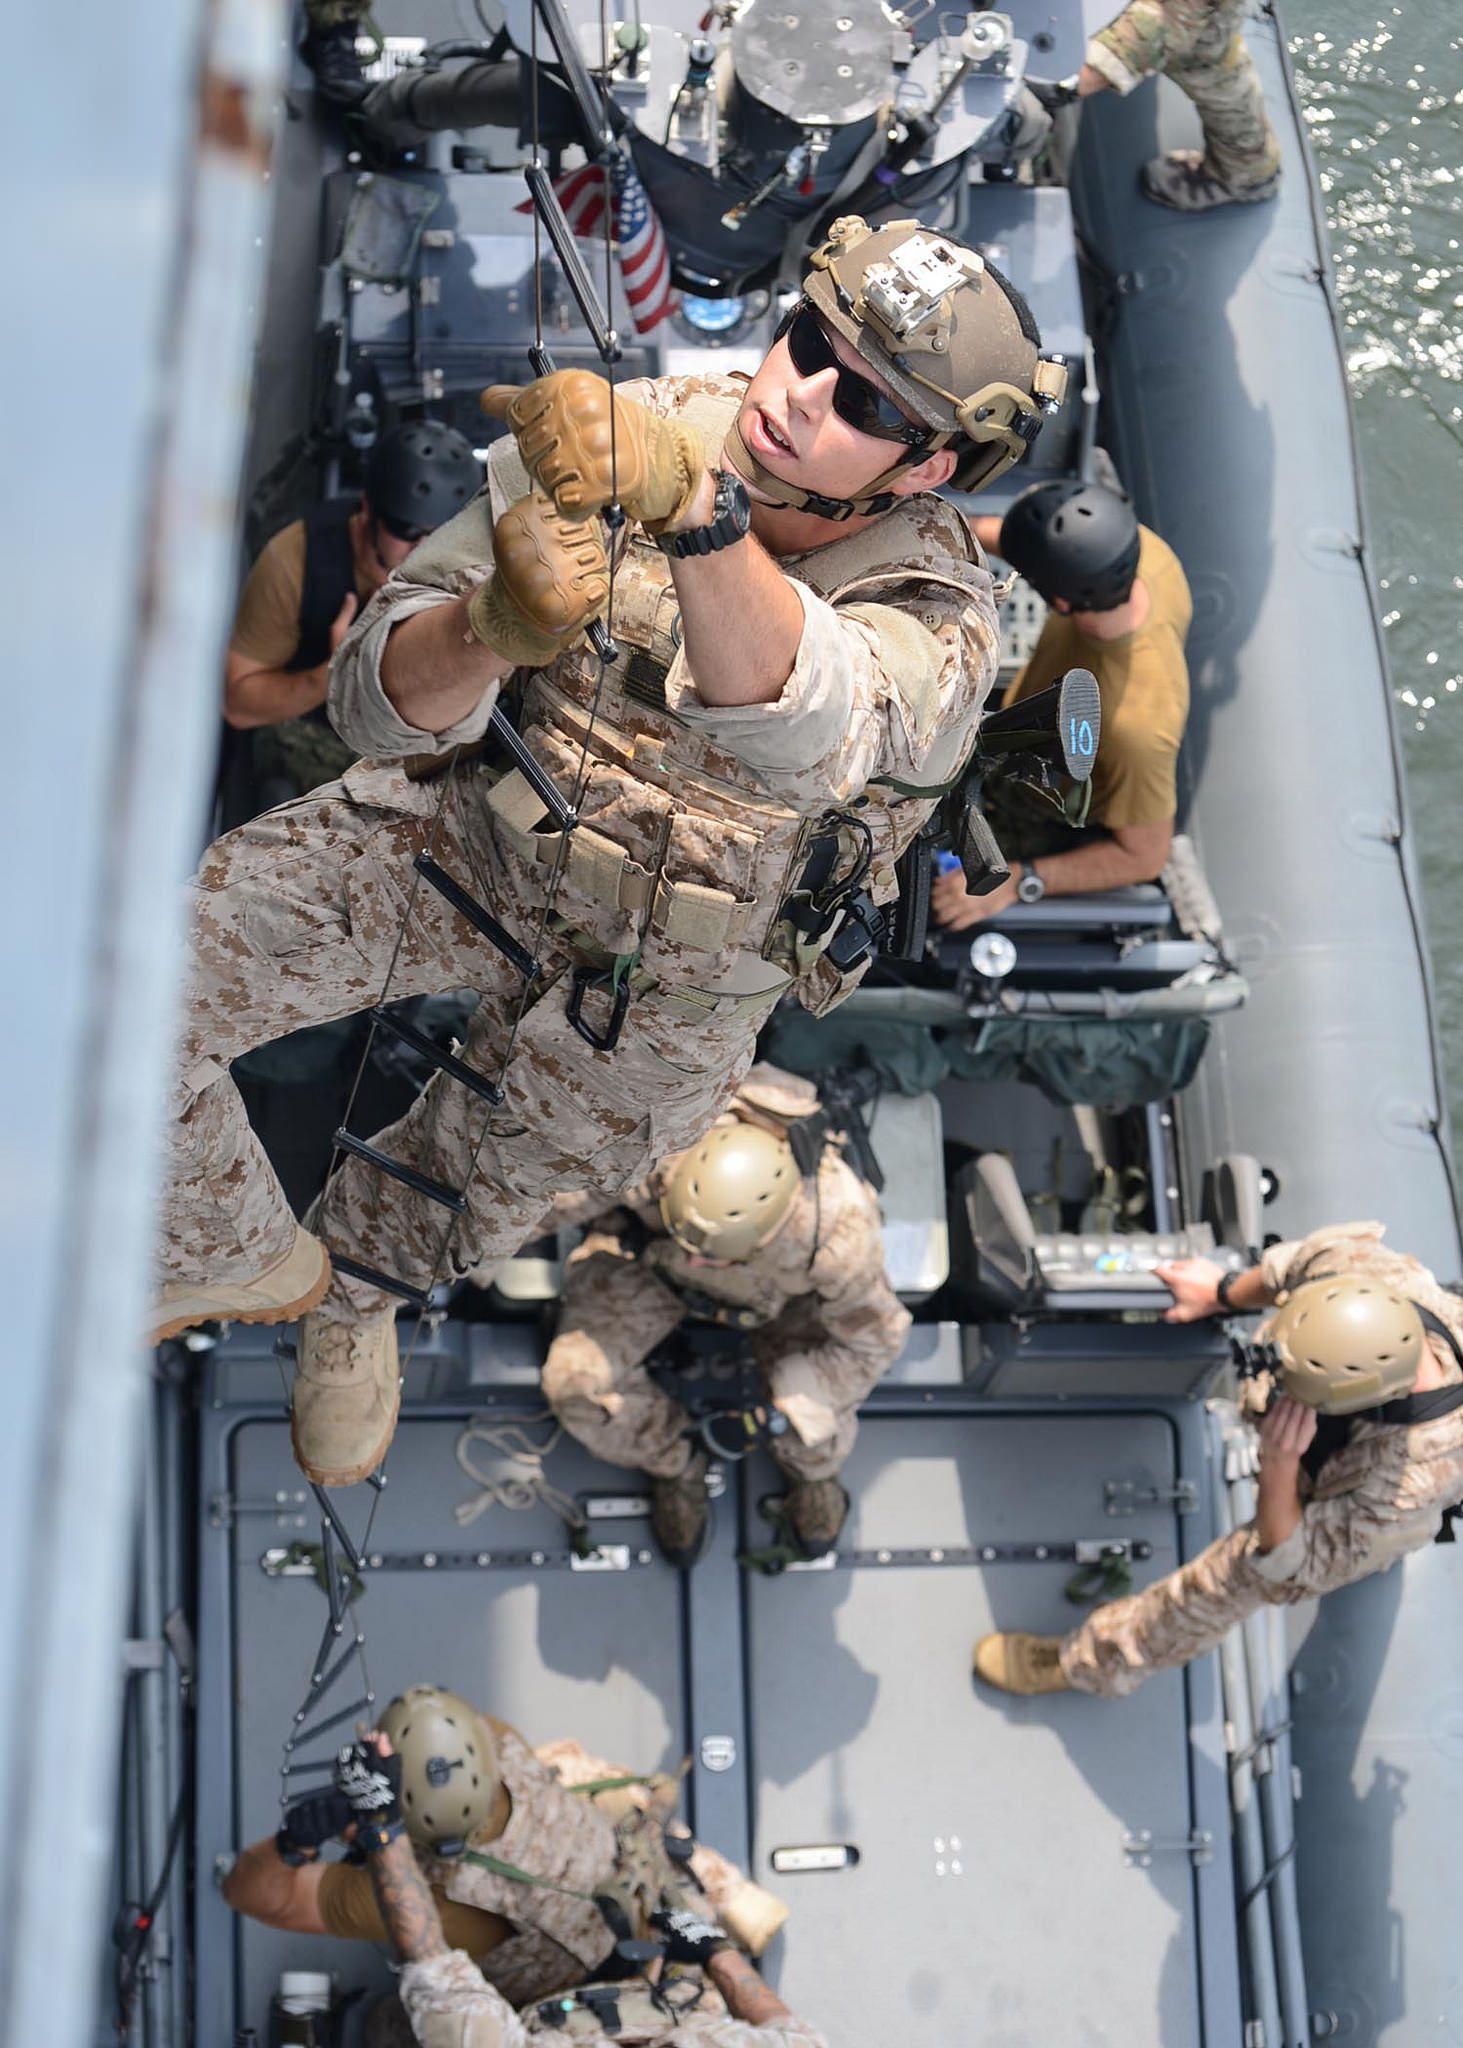 130716 N At856 006 Virginia Beach Va July 16 2017 U S Navy Seals Sea Air And Land Climb A Caving Ladder During Visit Board Search Seizure